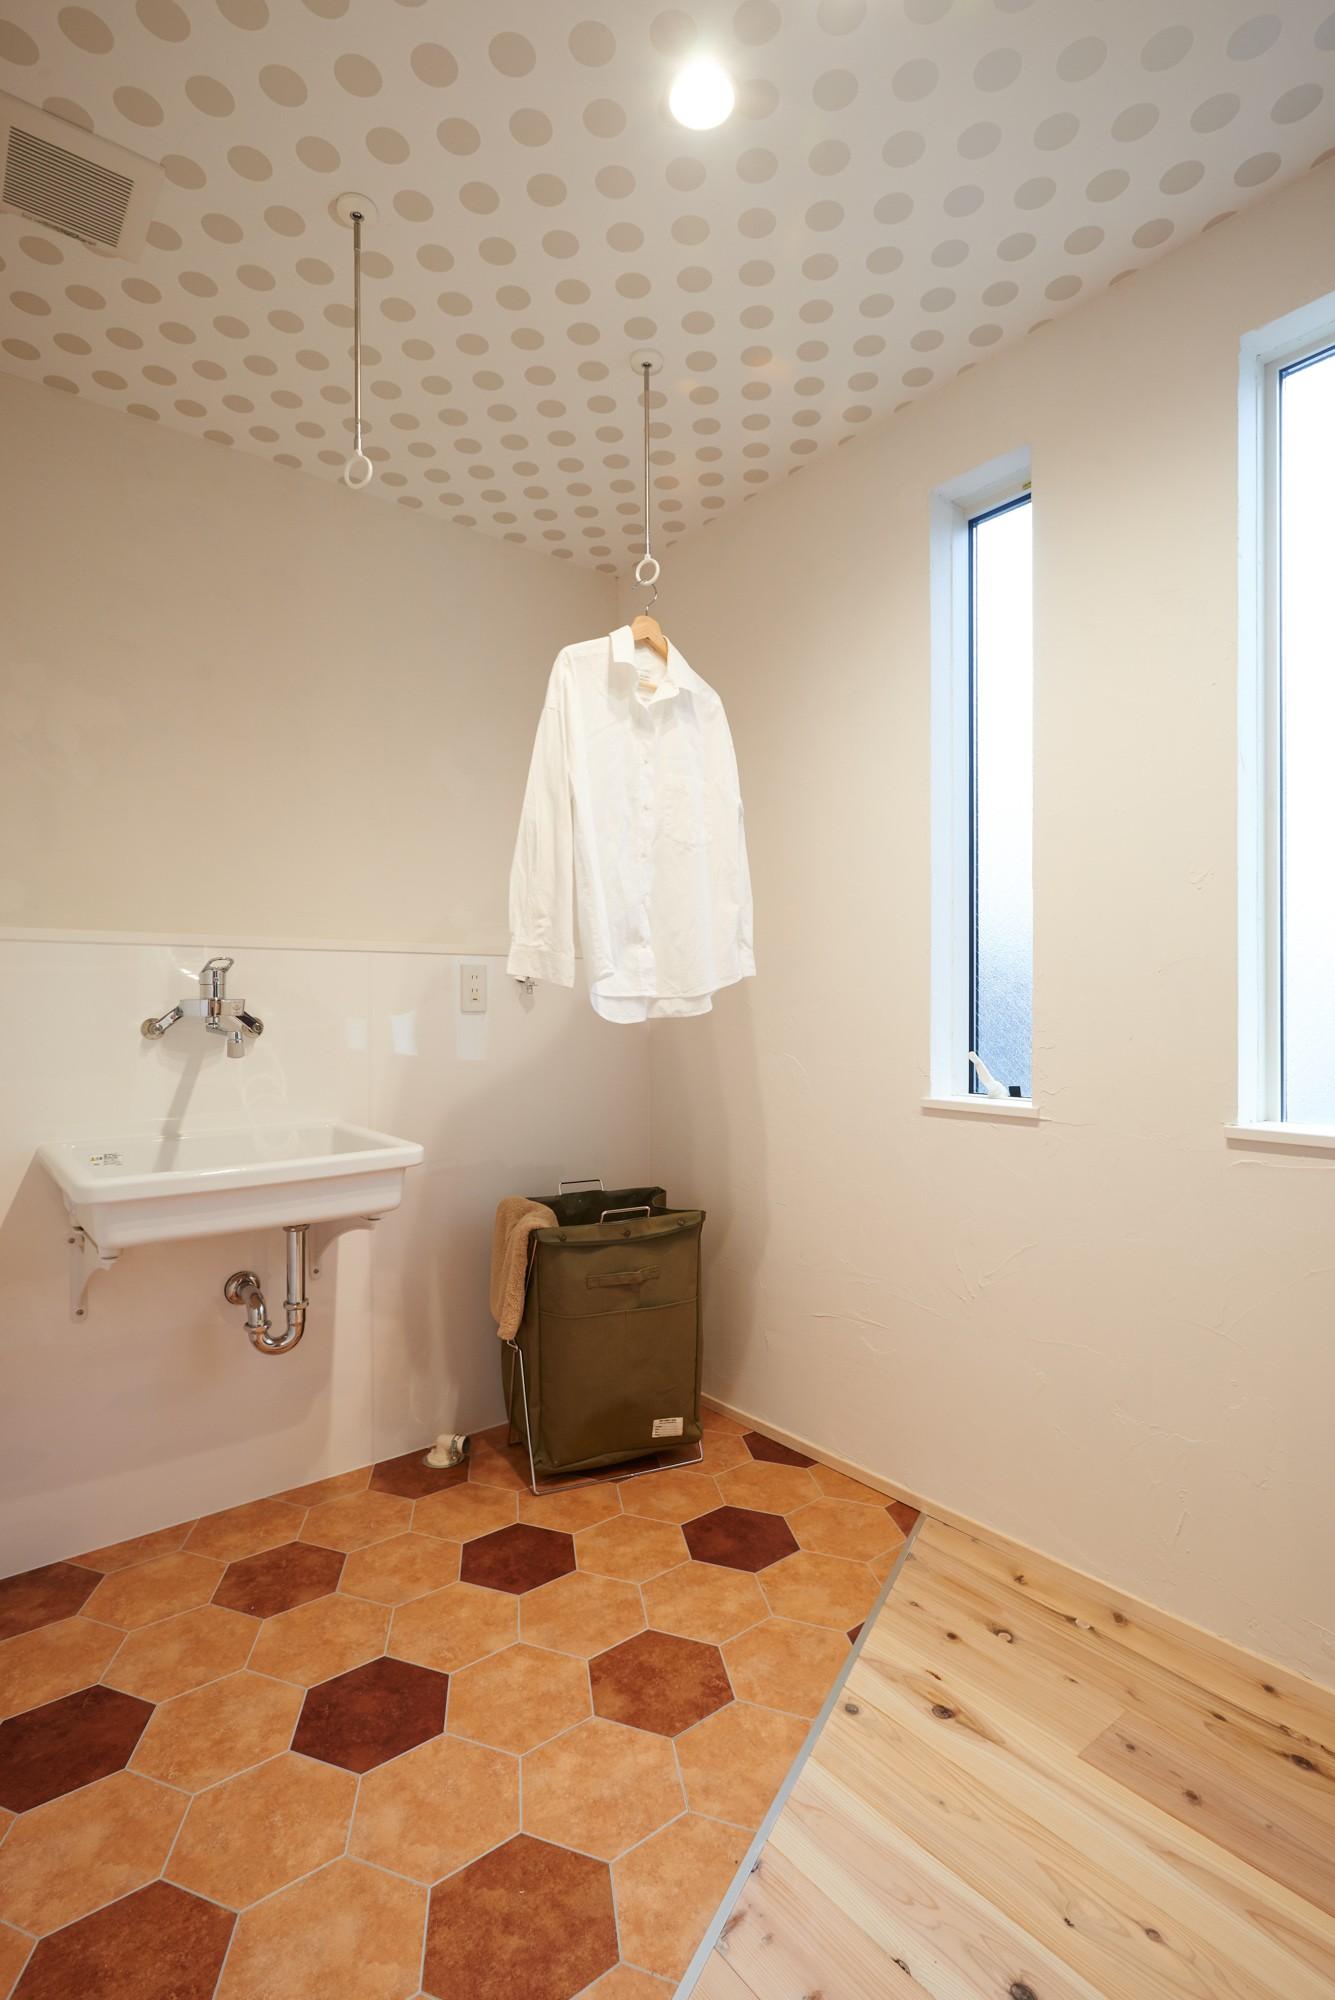 バス/トイレ事例:パウダールーム(ナチュラルで柔らかい空気感)